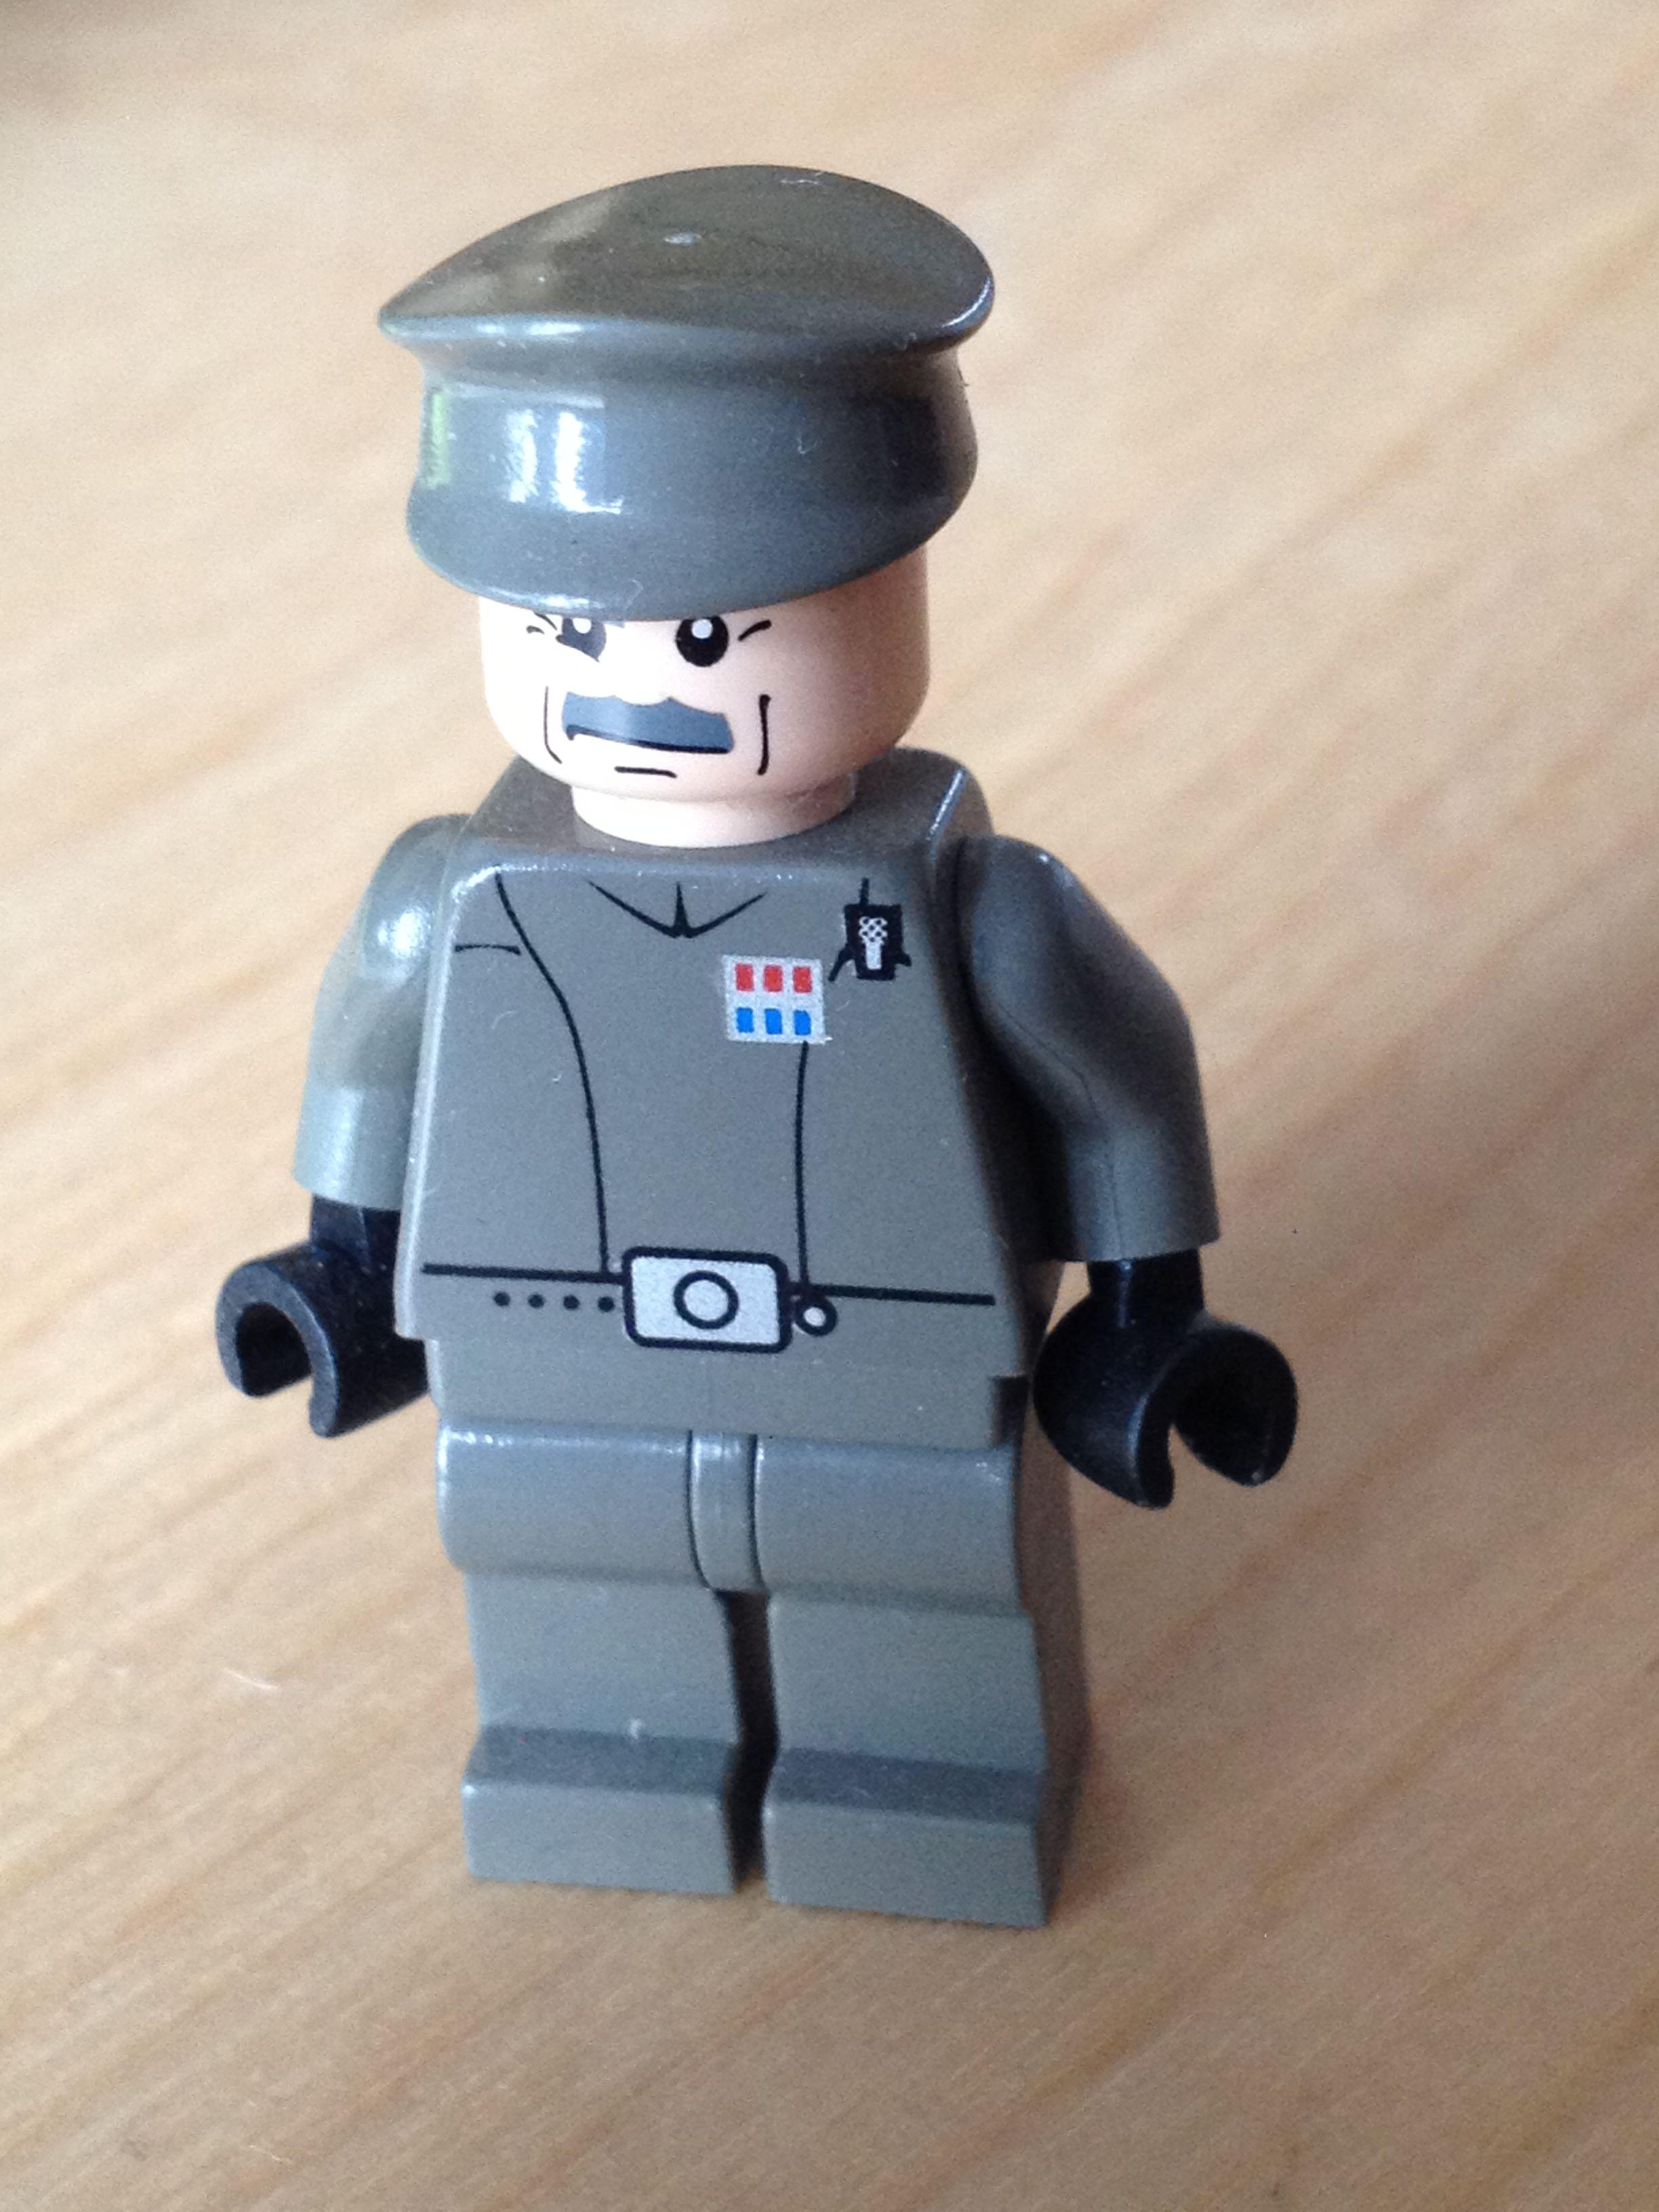 Custom Imperial Officer Star Wars Lego Lego Star Wars Imperial